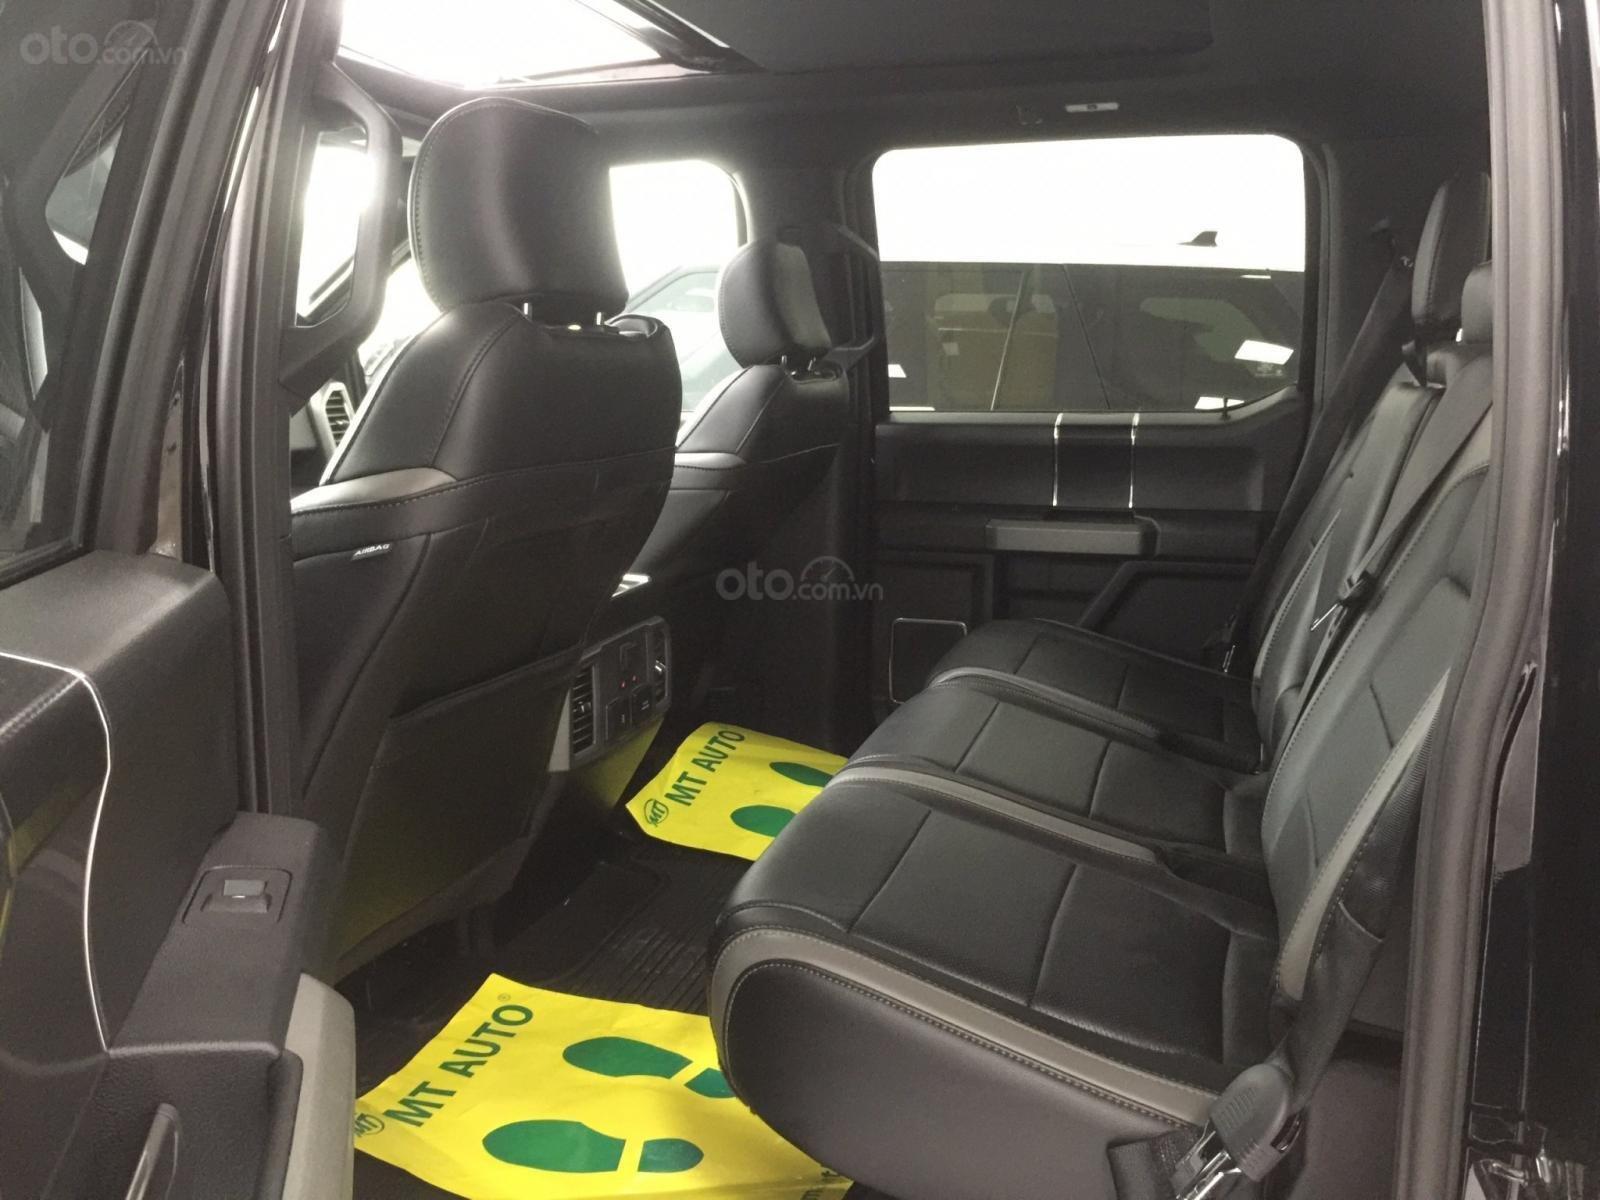 Bán siêu bán tải Ford F150 Raptor 2020, giá tốt giao ngay toàn quốc. LH Ms. Ngọc Vy 093.996.2368 (16)